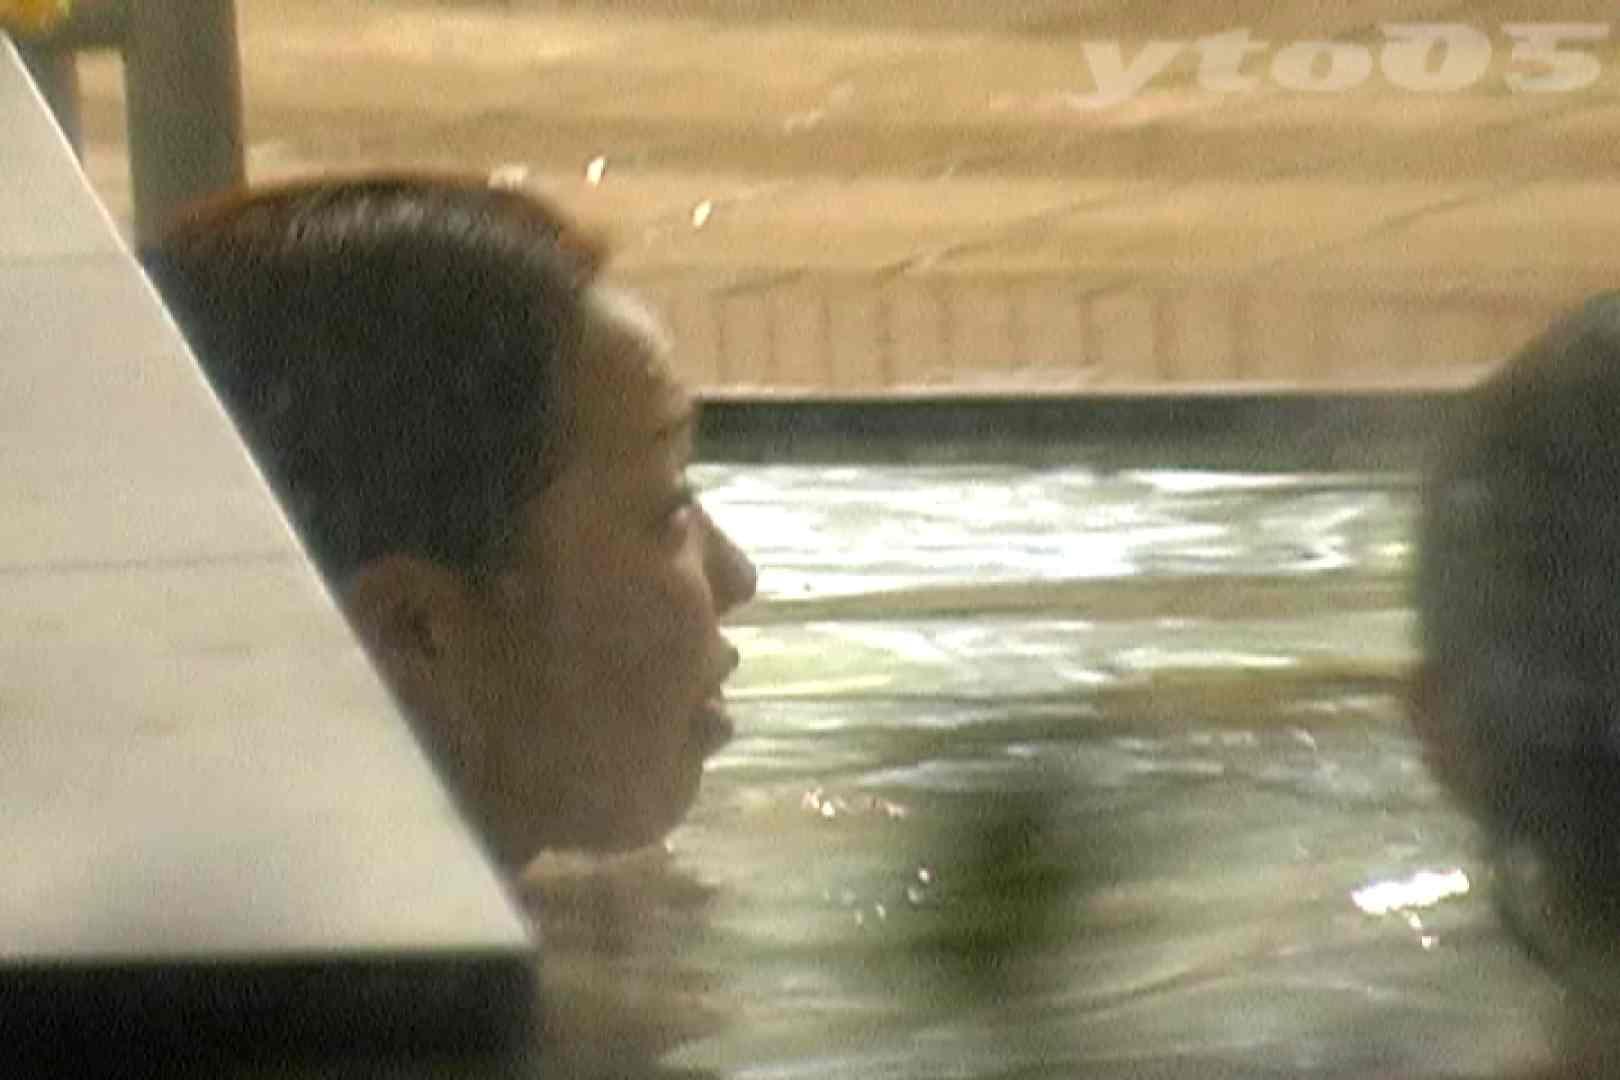 ▲復活限定▲合宿ホテル女風呂盗撮 Vol.30 女風呂 | ホテルで絶頂  77画像 33